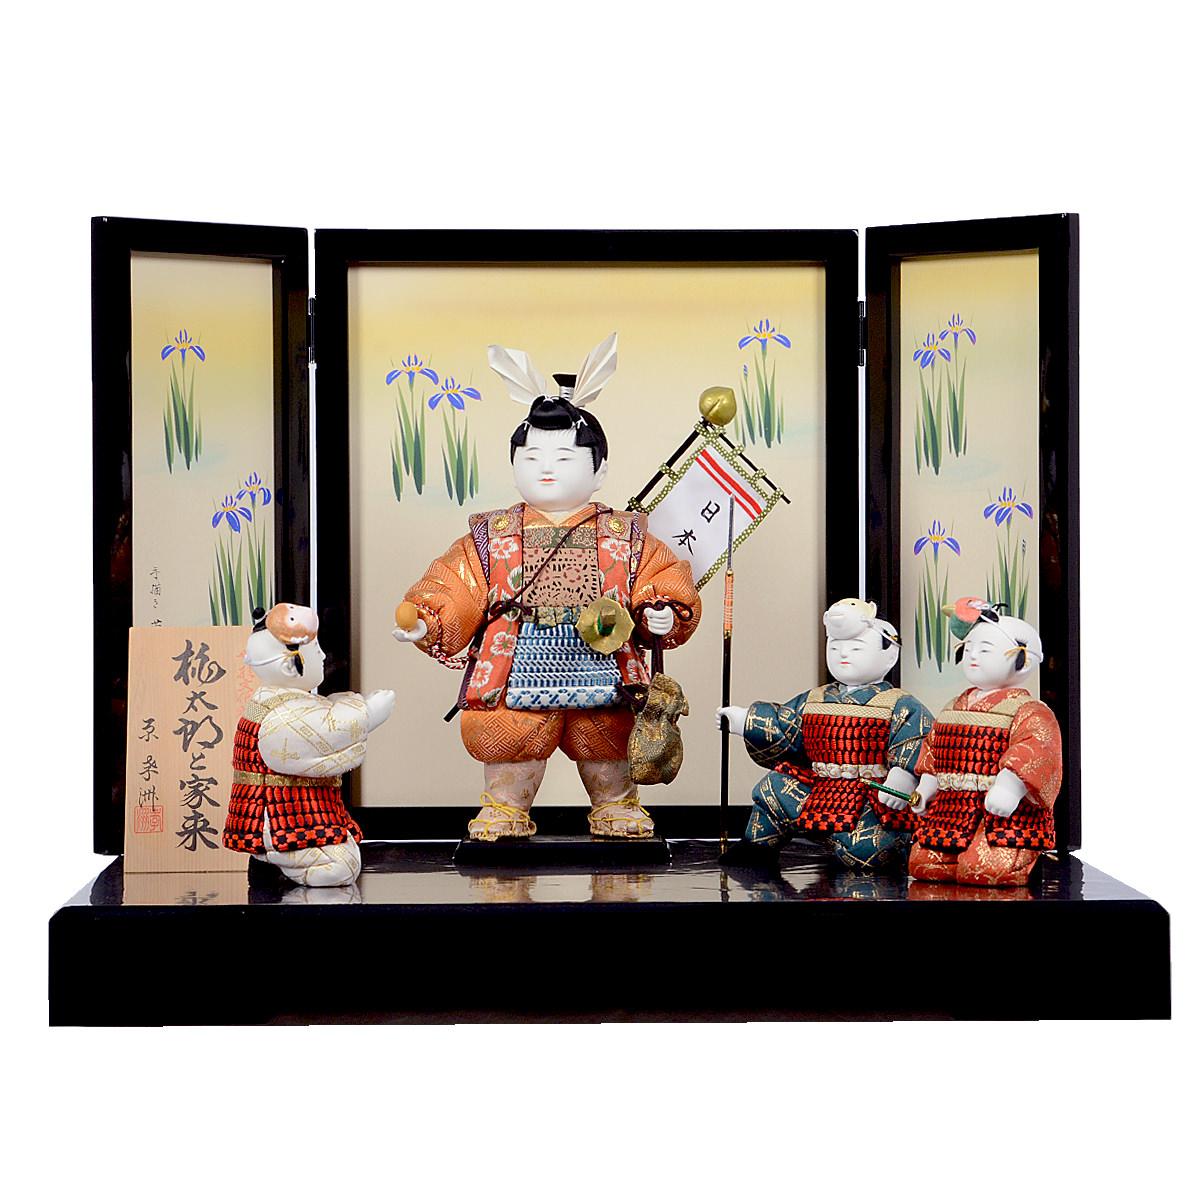 五月節句 男の子 五月人形 木目込み 子供大将飾り 原孝洲 「桃太郎と家来」菖蒲屏風 送料無料